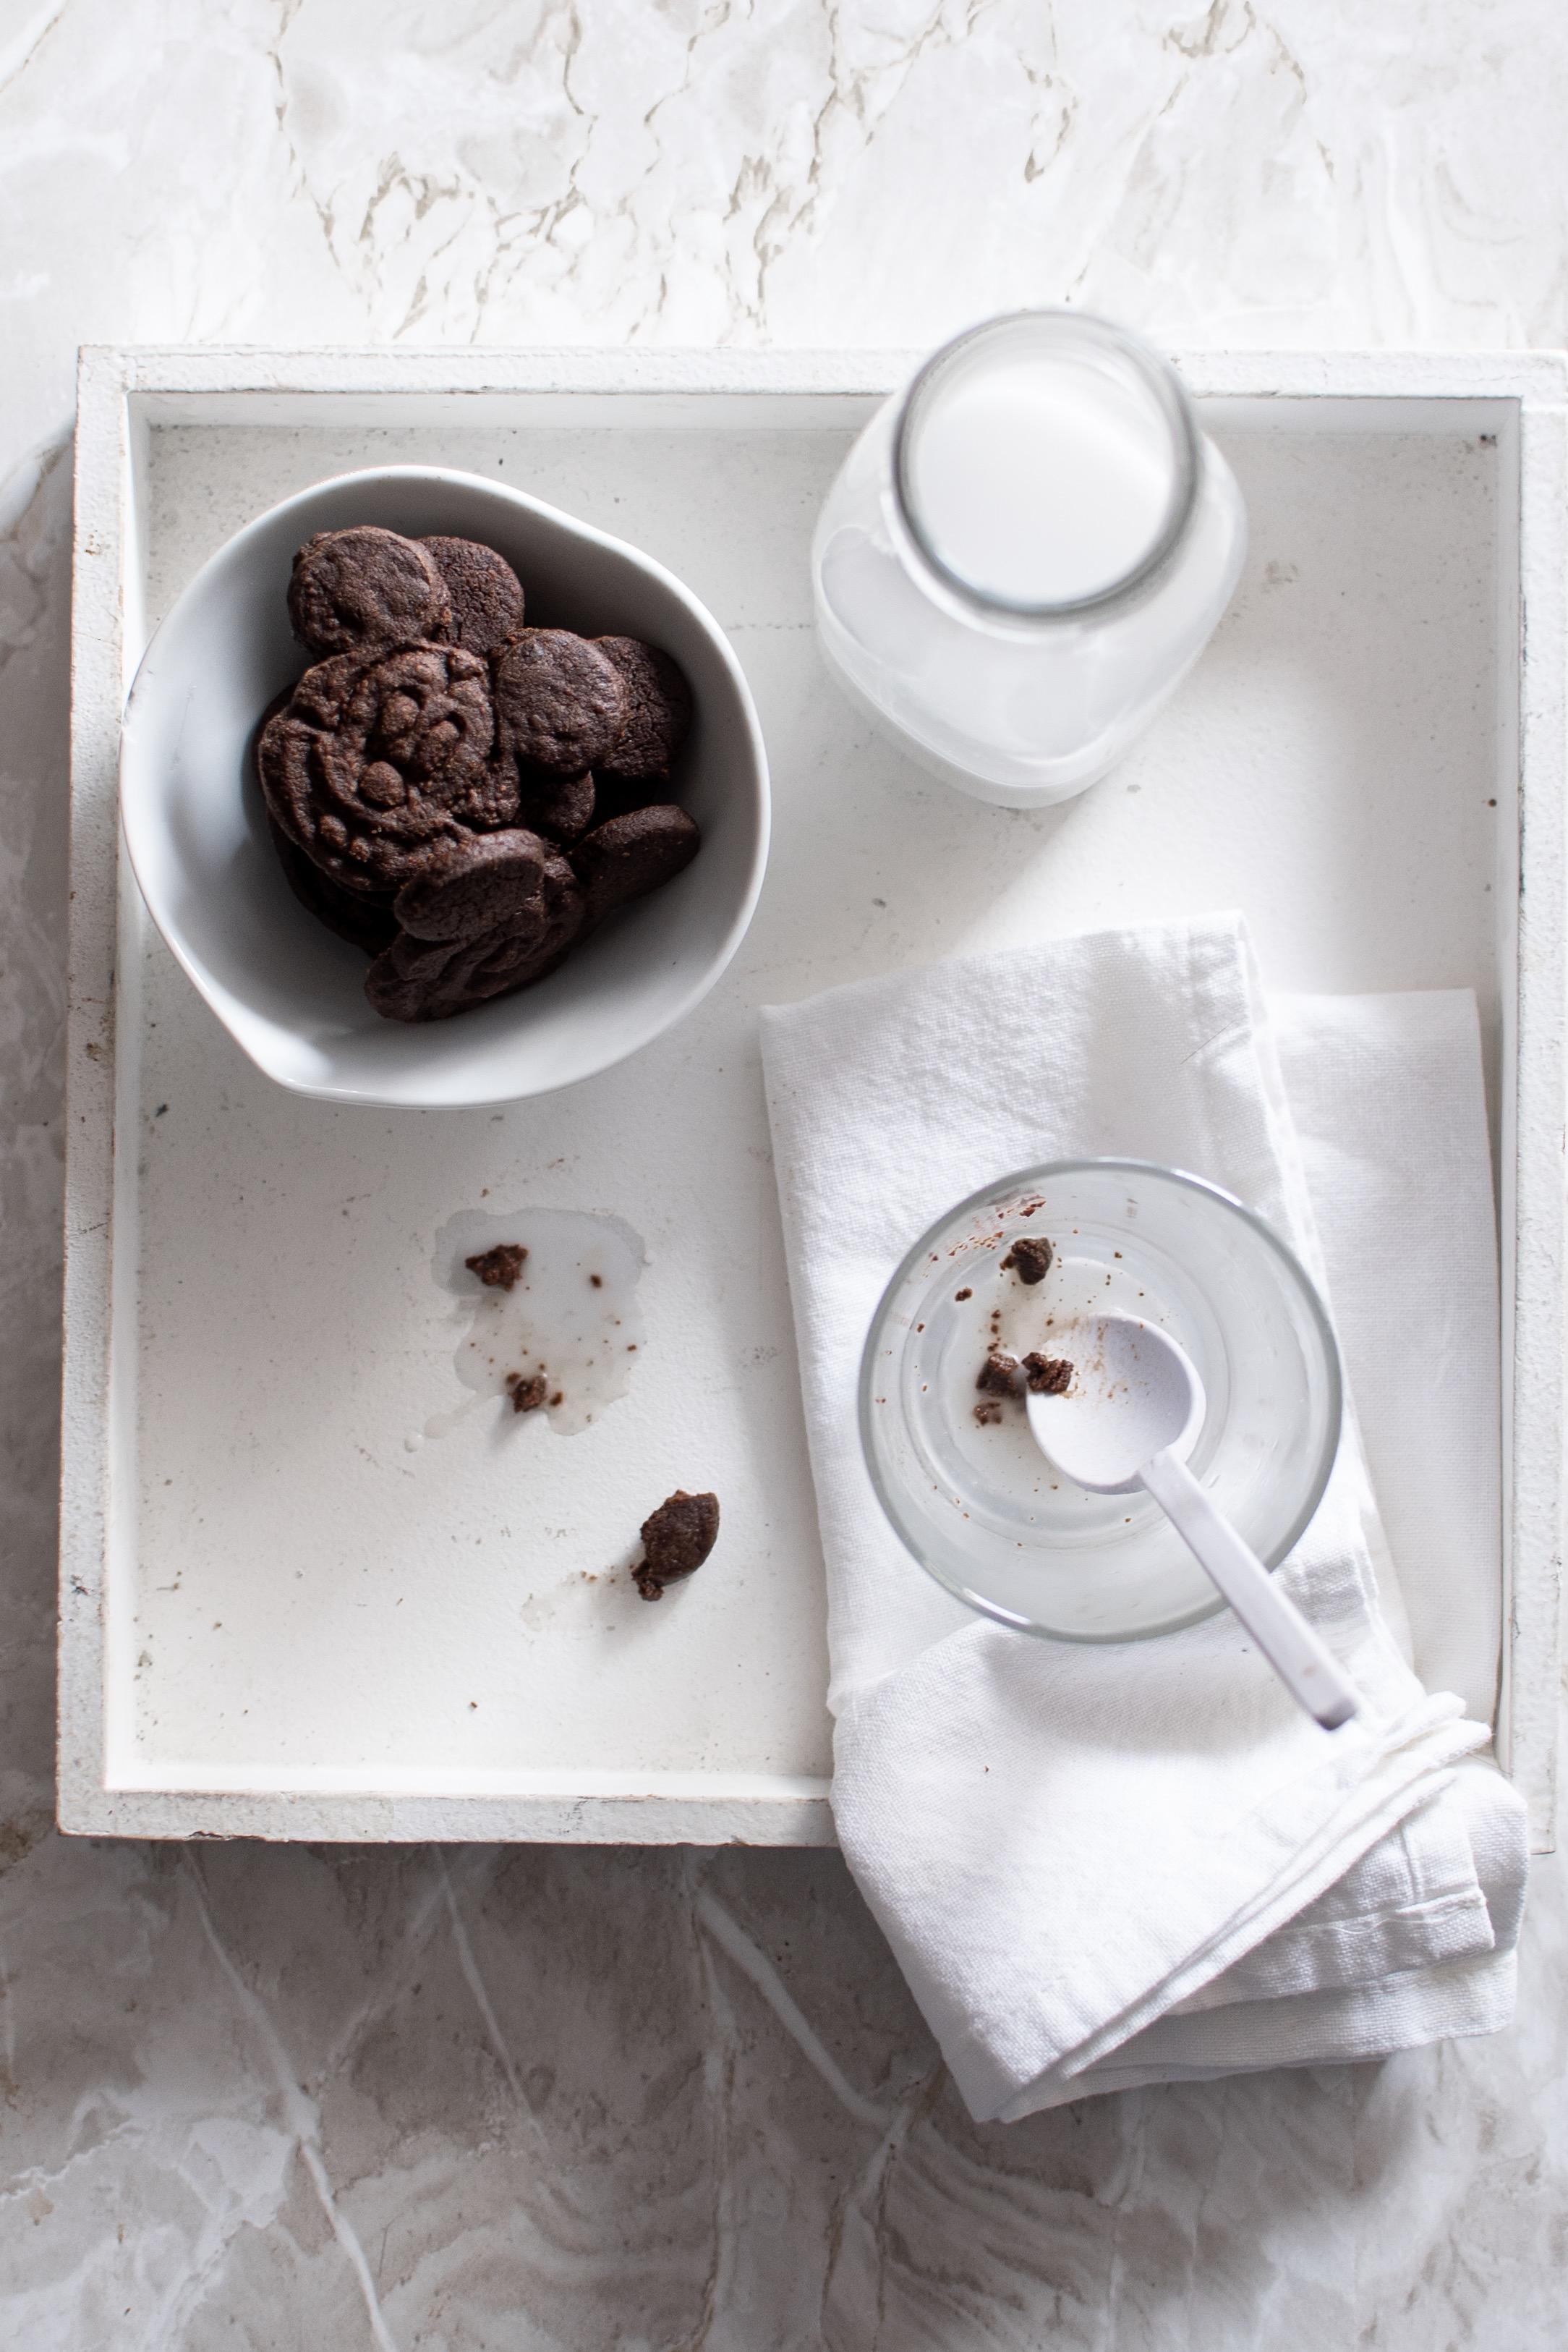 EEBED83A-69A1-4A2F-96CF-571E13B9820D Biscotti al cacao